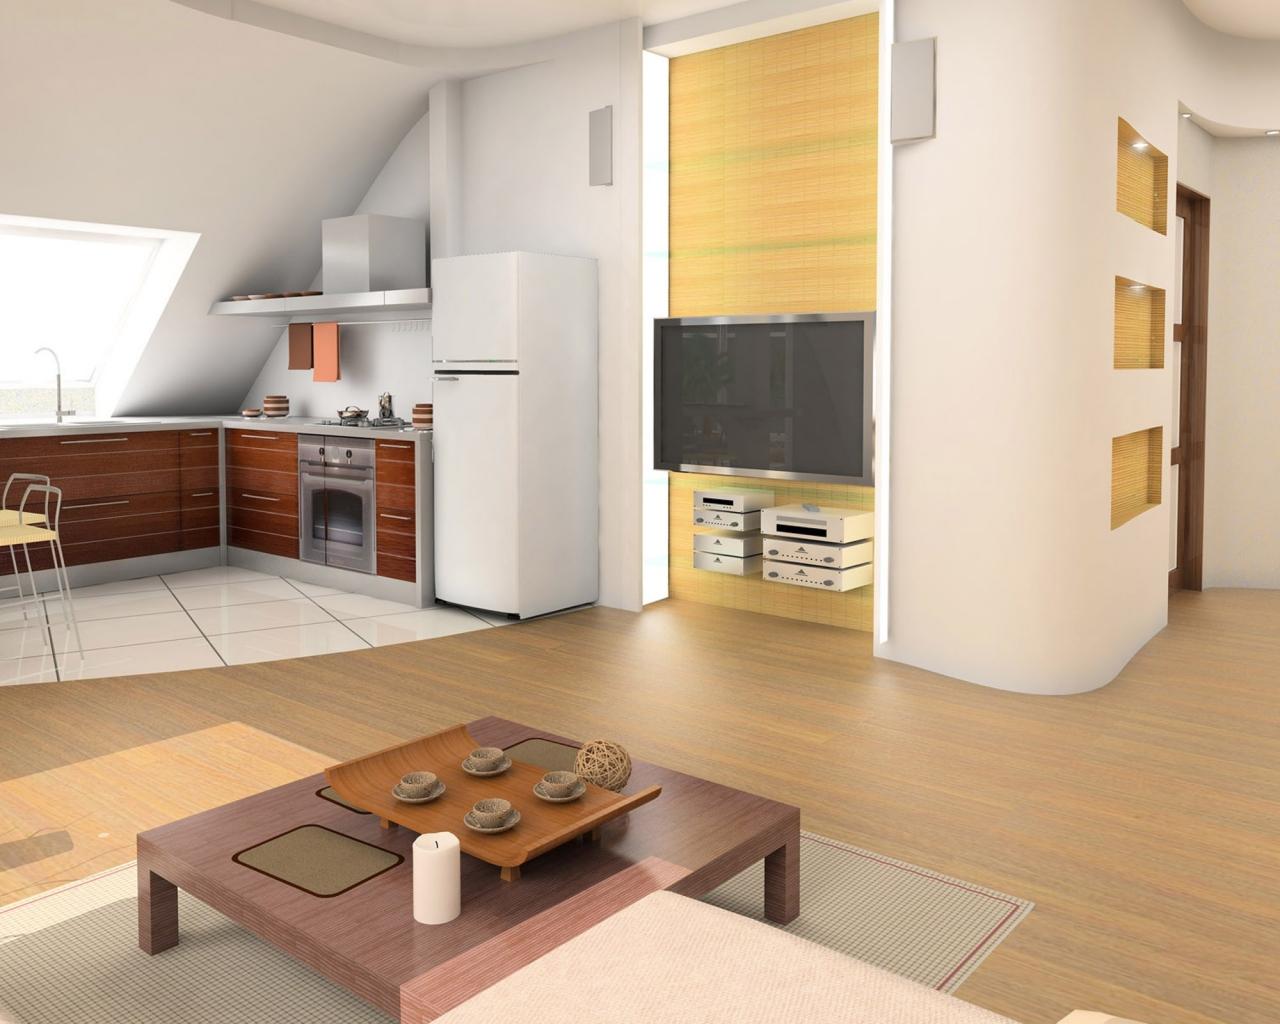 Diseño de una cocina - 1280x1024